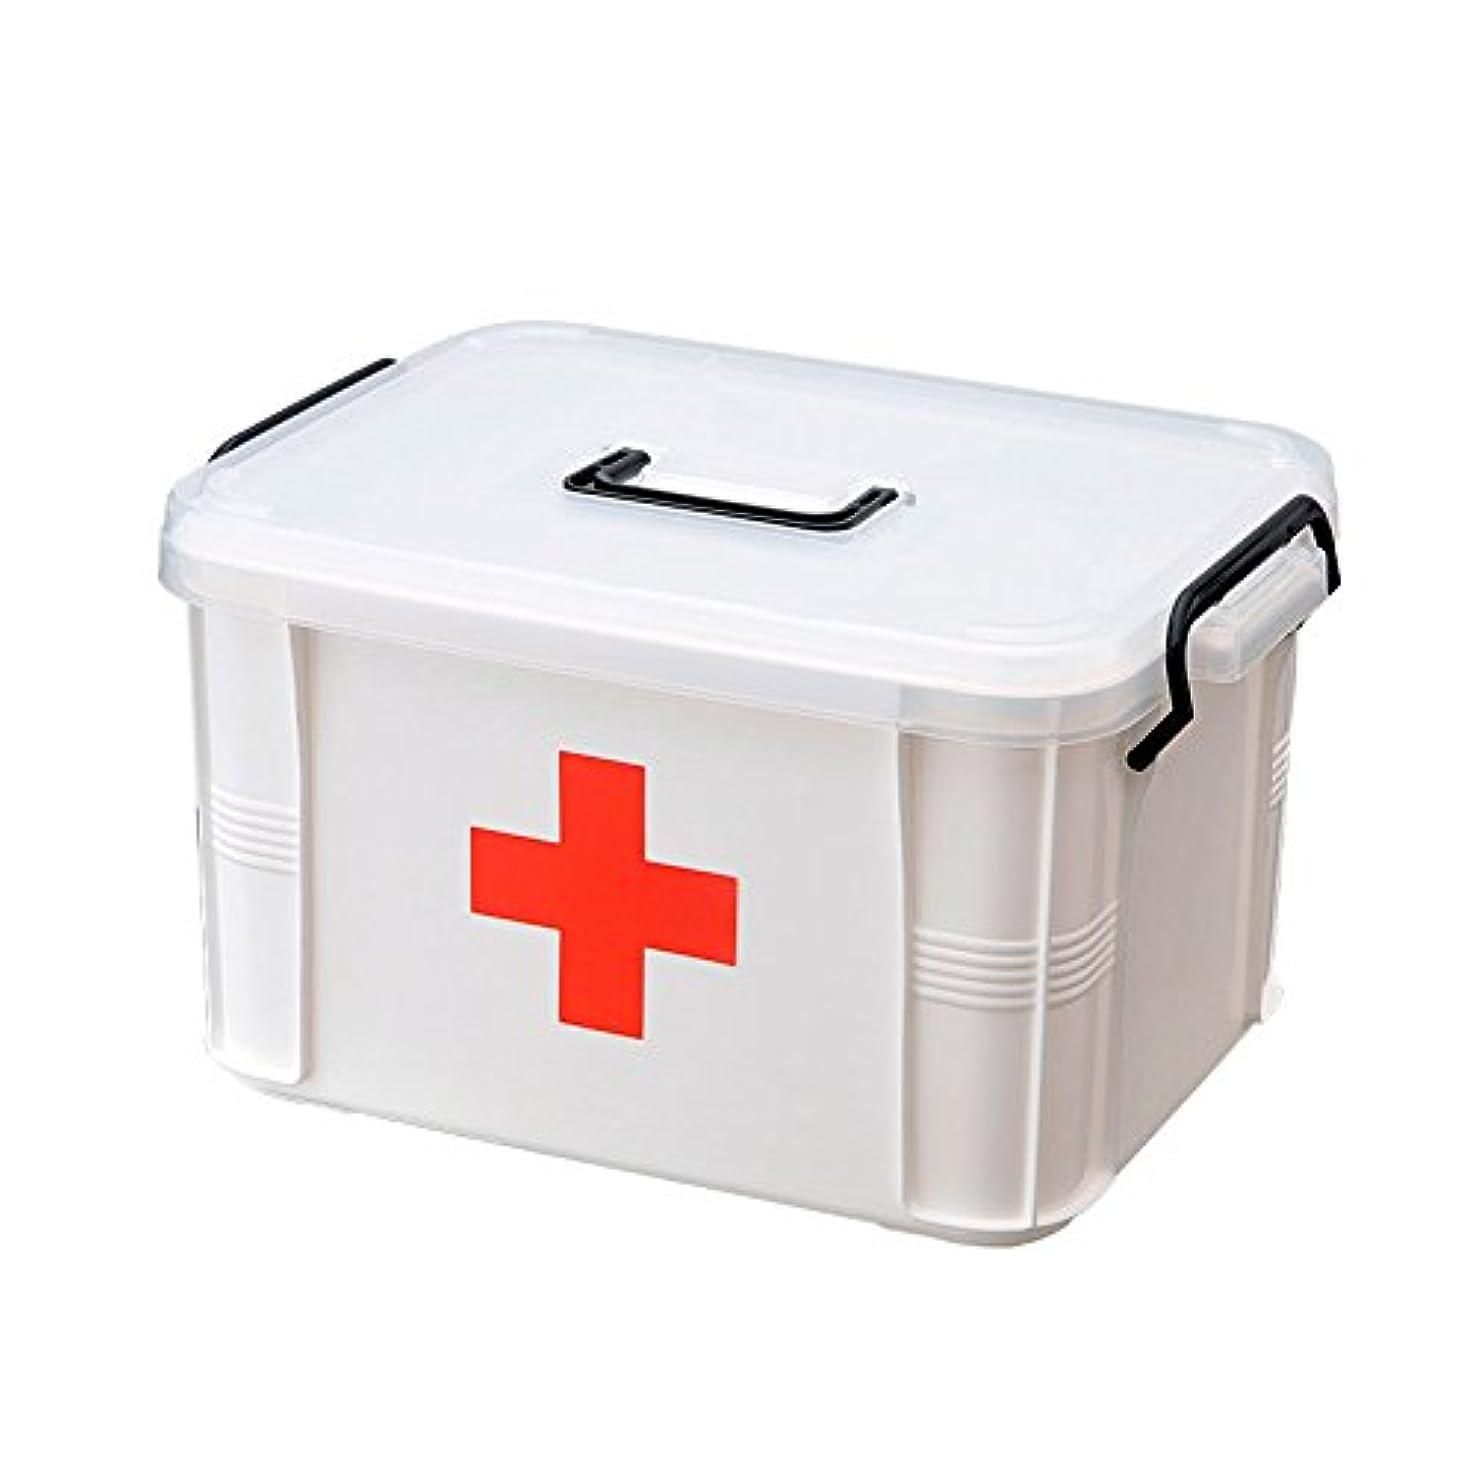 口述するネックレット北方GLJJQMY 家庭用小型薬箱多層医療プラスチックファミリー医療箱薬収納ボックス 薬収納ボックス (Color : S)